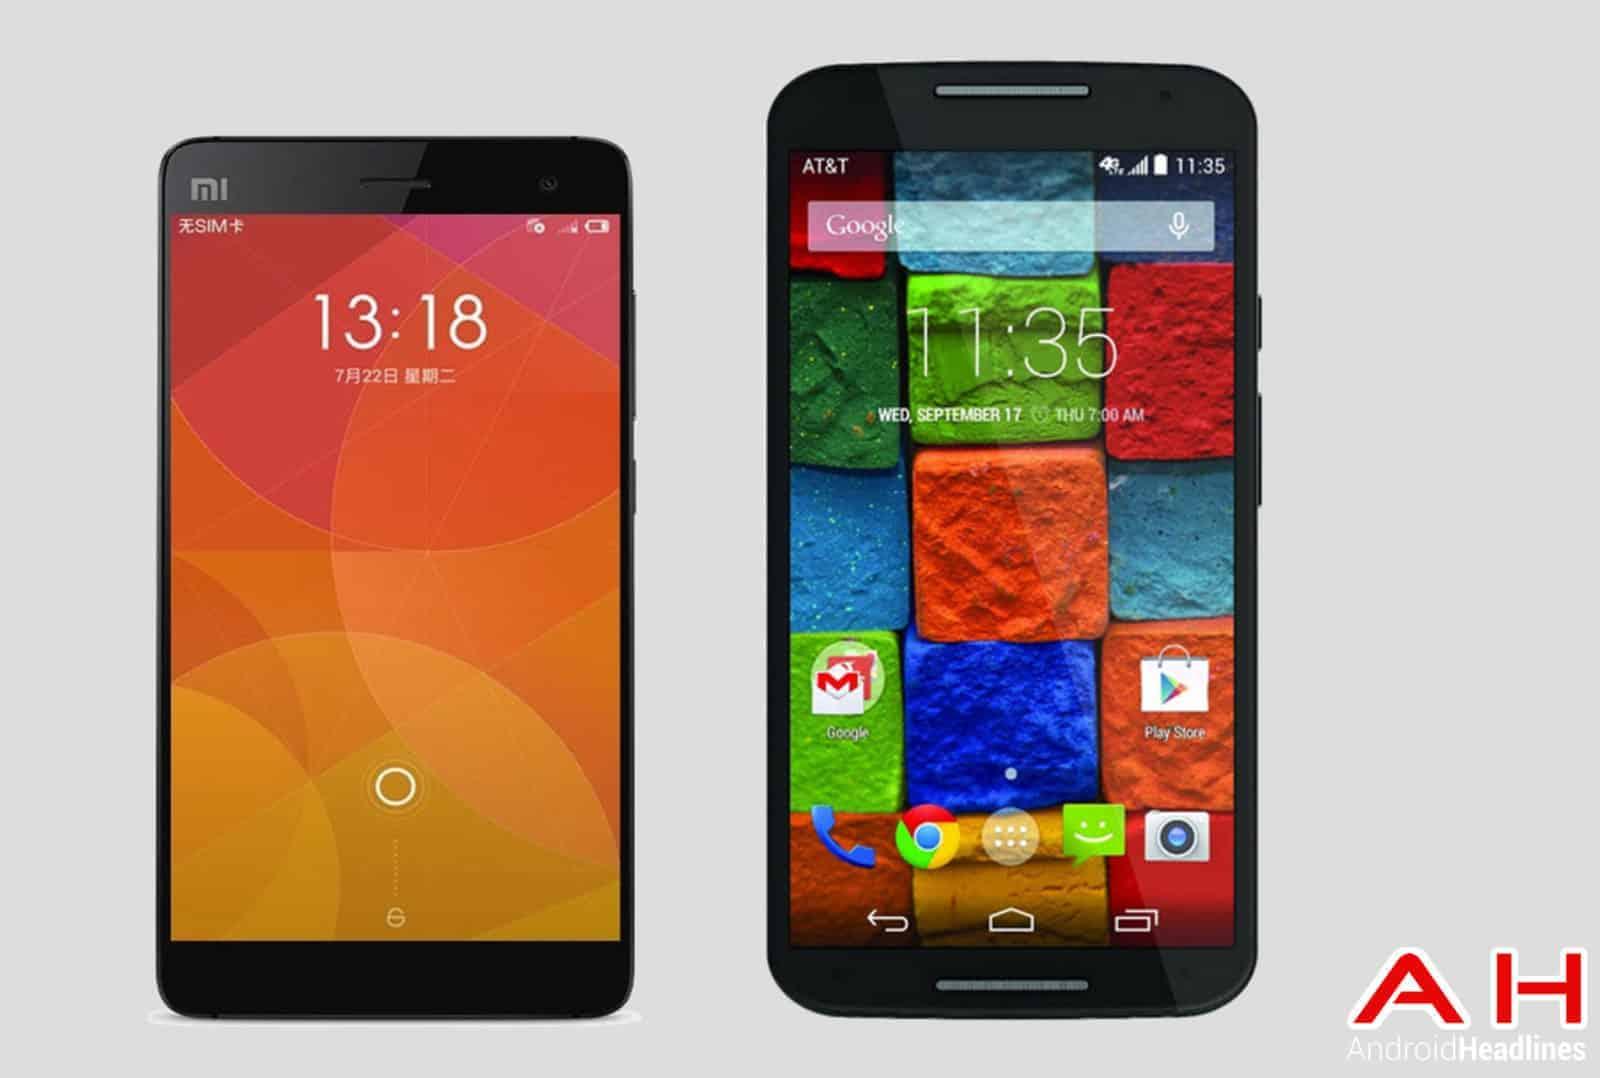 Xiaomi Mi4 vs Moto X (2014) PW AH